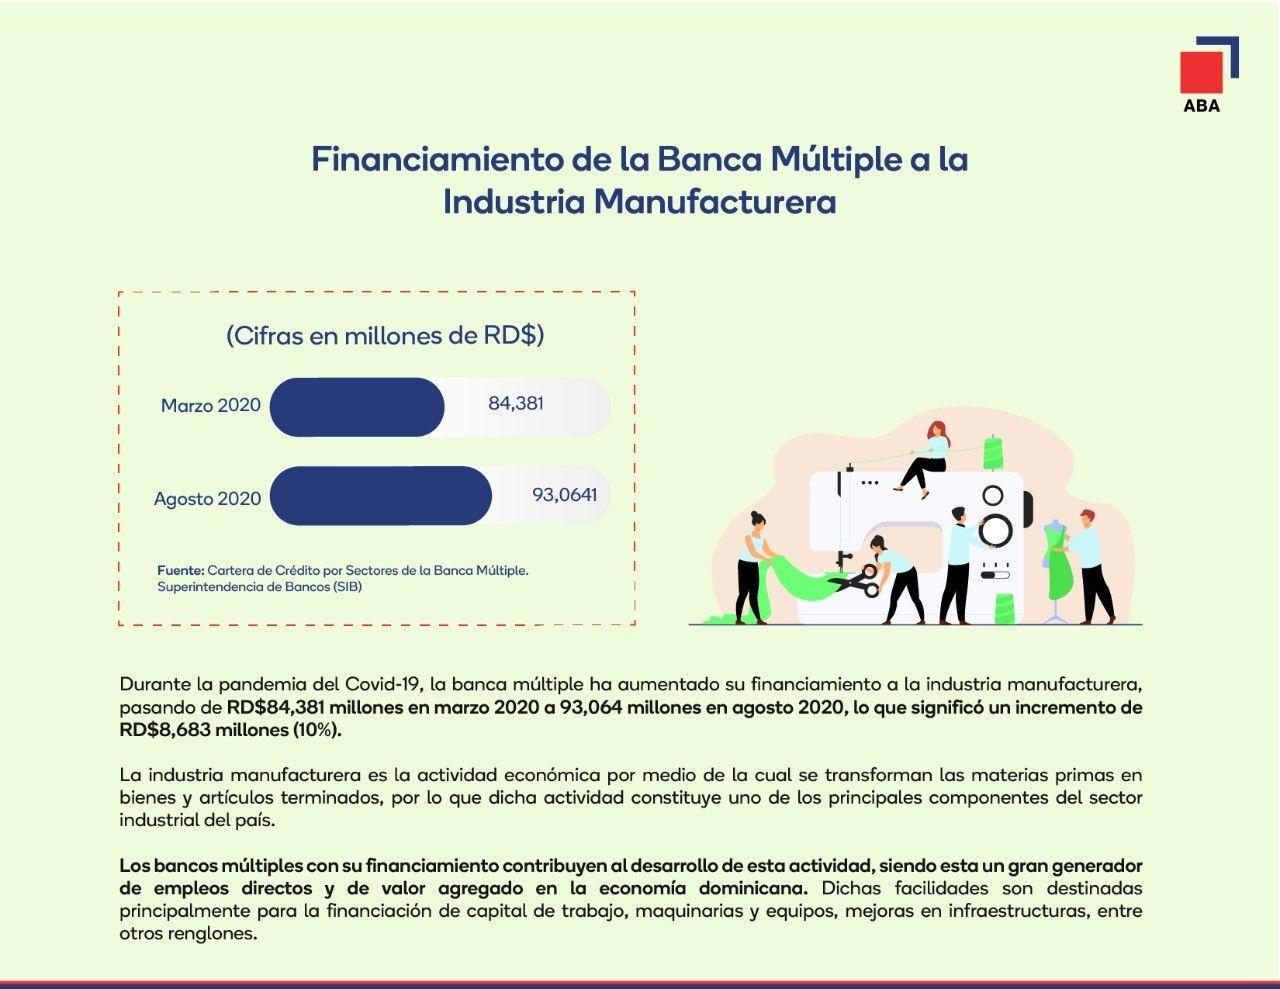 <p><strong>Bancos m&uacute;ltiples aumentan en m&aacute;s de RD$8,000 millones cr&eacute;dito a la industria manufacturera</strong></p>